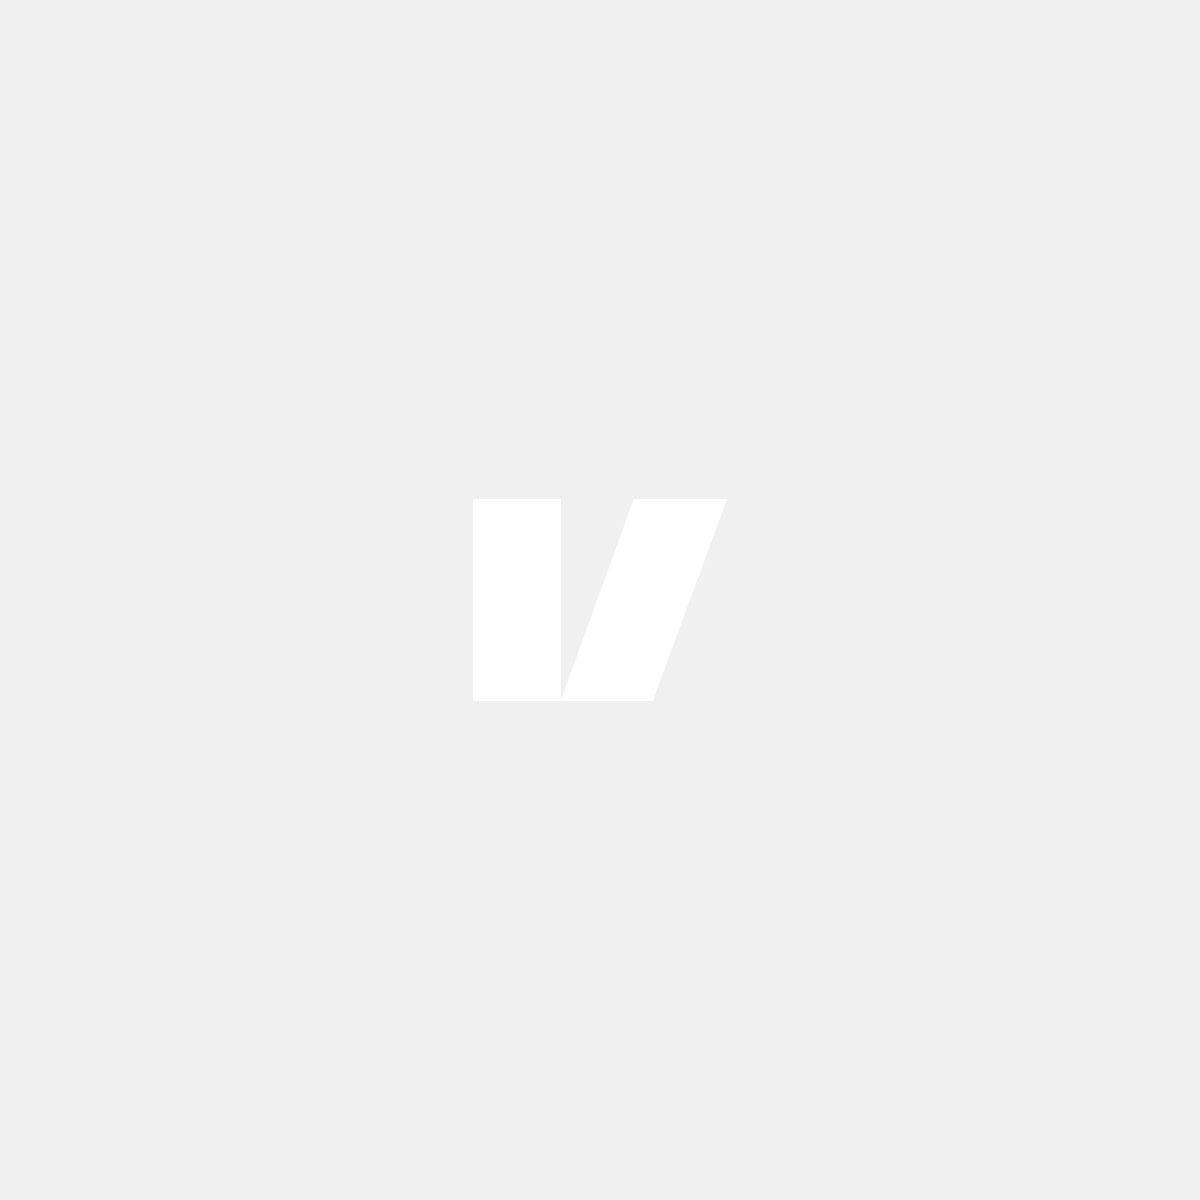 Genomslagsgummi för stötdämpare till Volvo 850, S70, V70